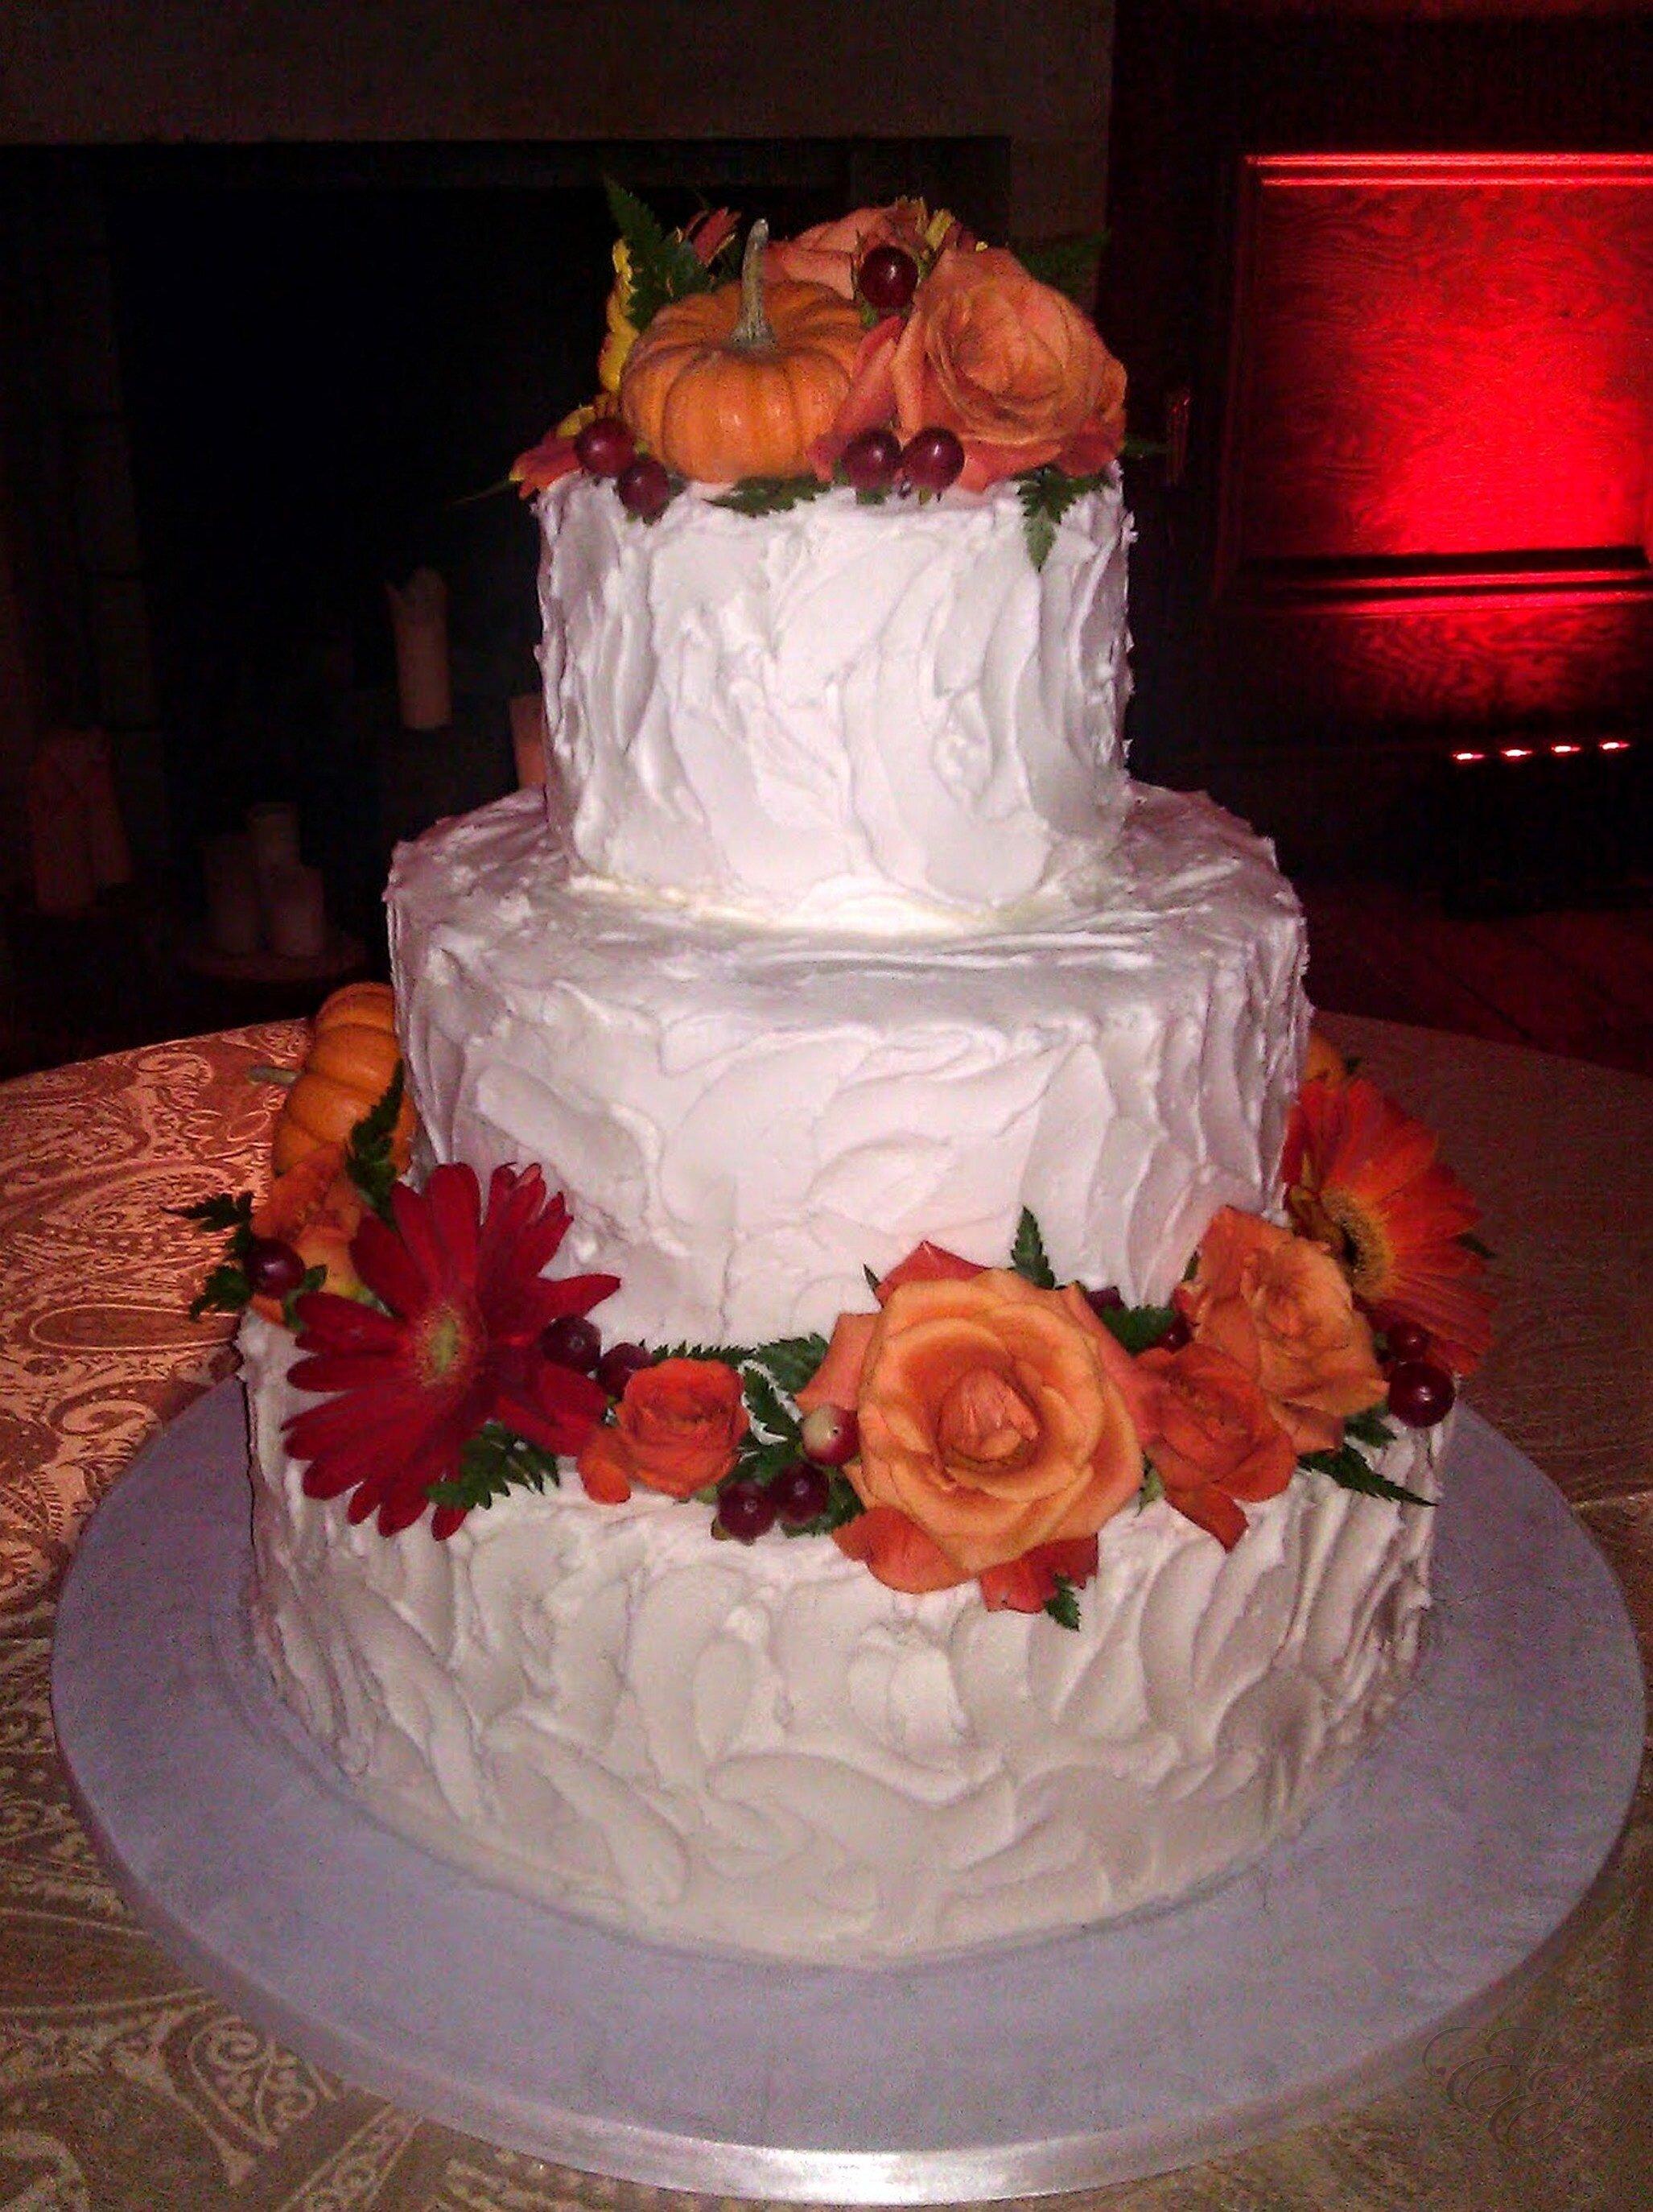 wedding_cakes_E_and_E_Special_Events_virginia_beach_50.jpg